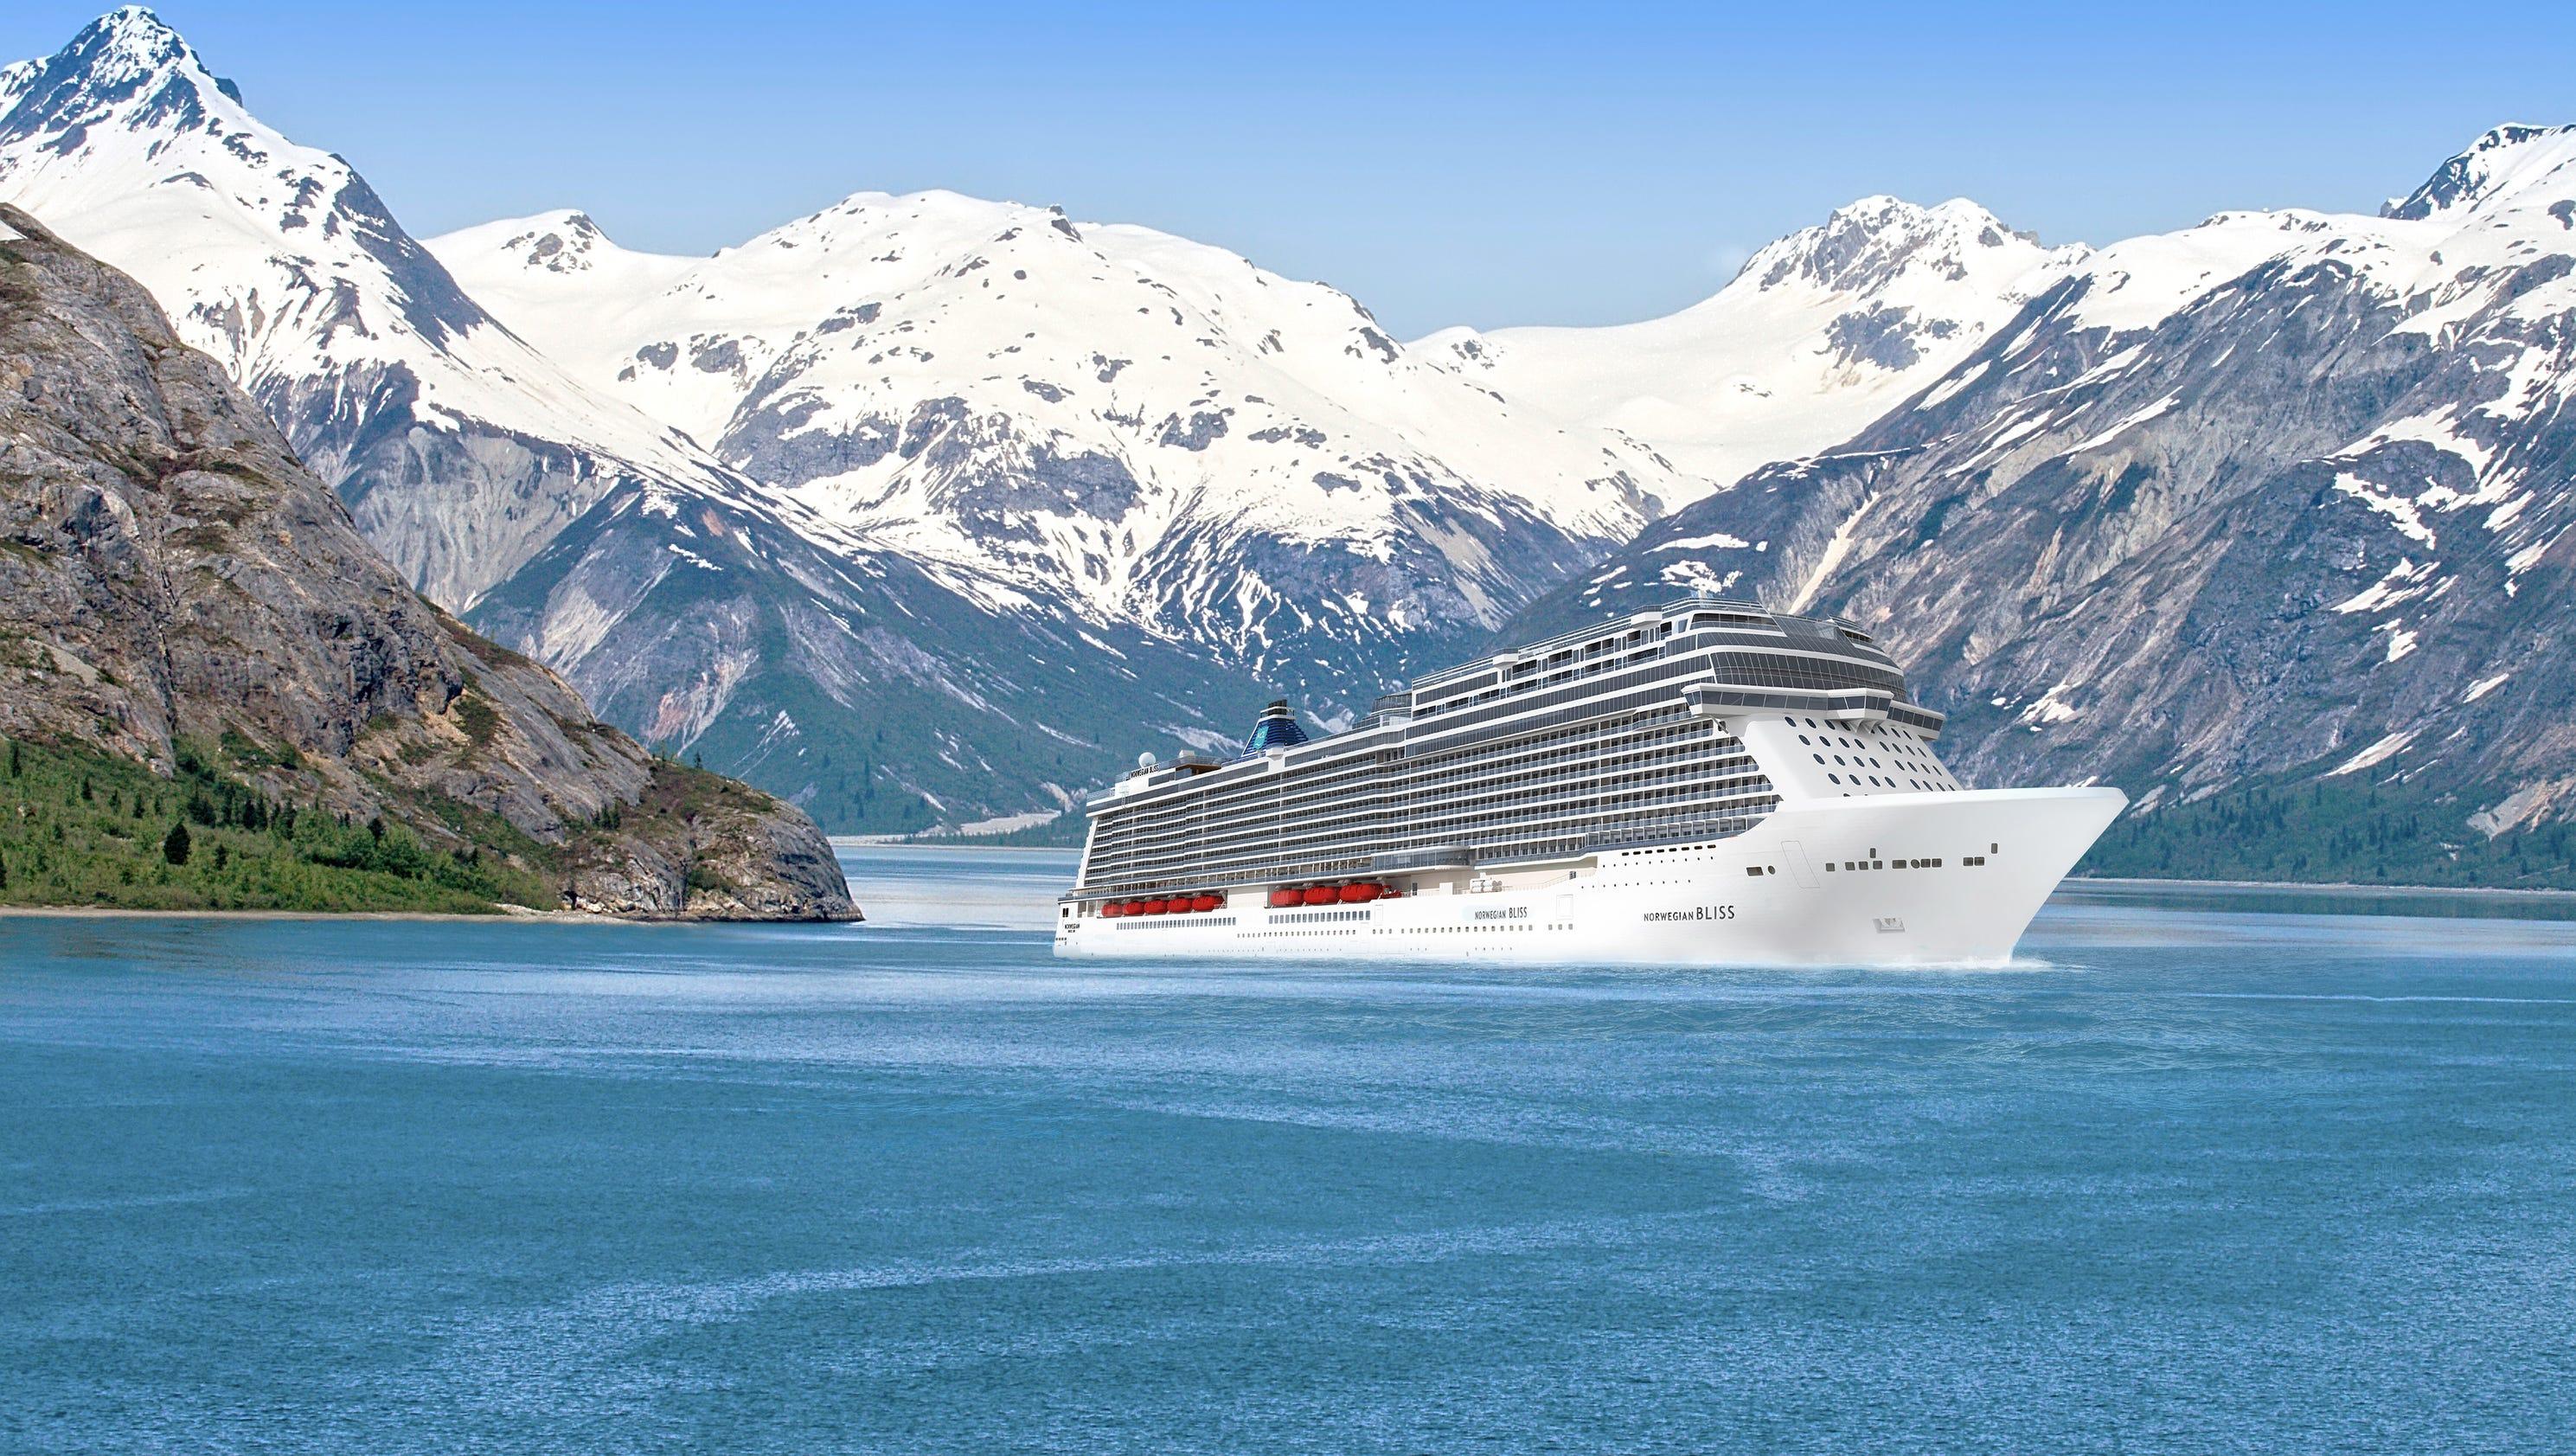 39 Creative Maternity Photo Ideas - The Bump Alaska cruise ship photos